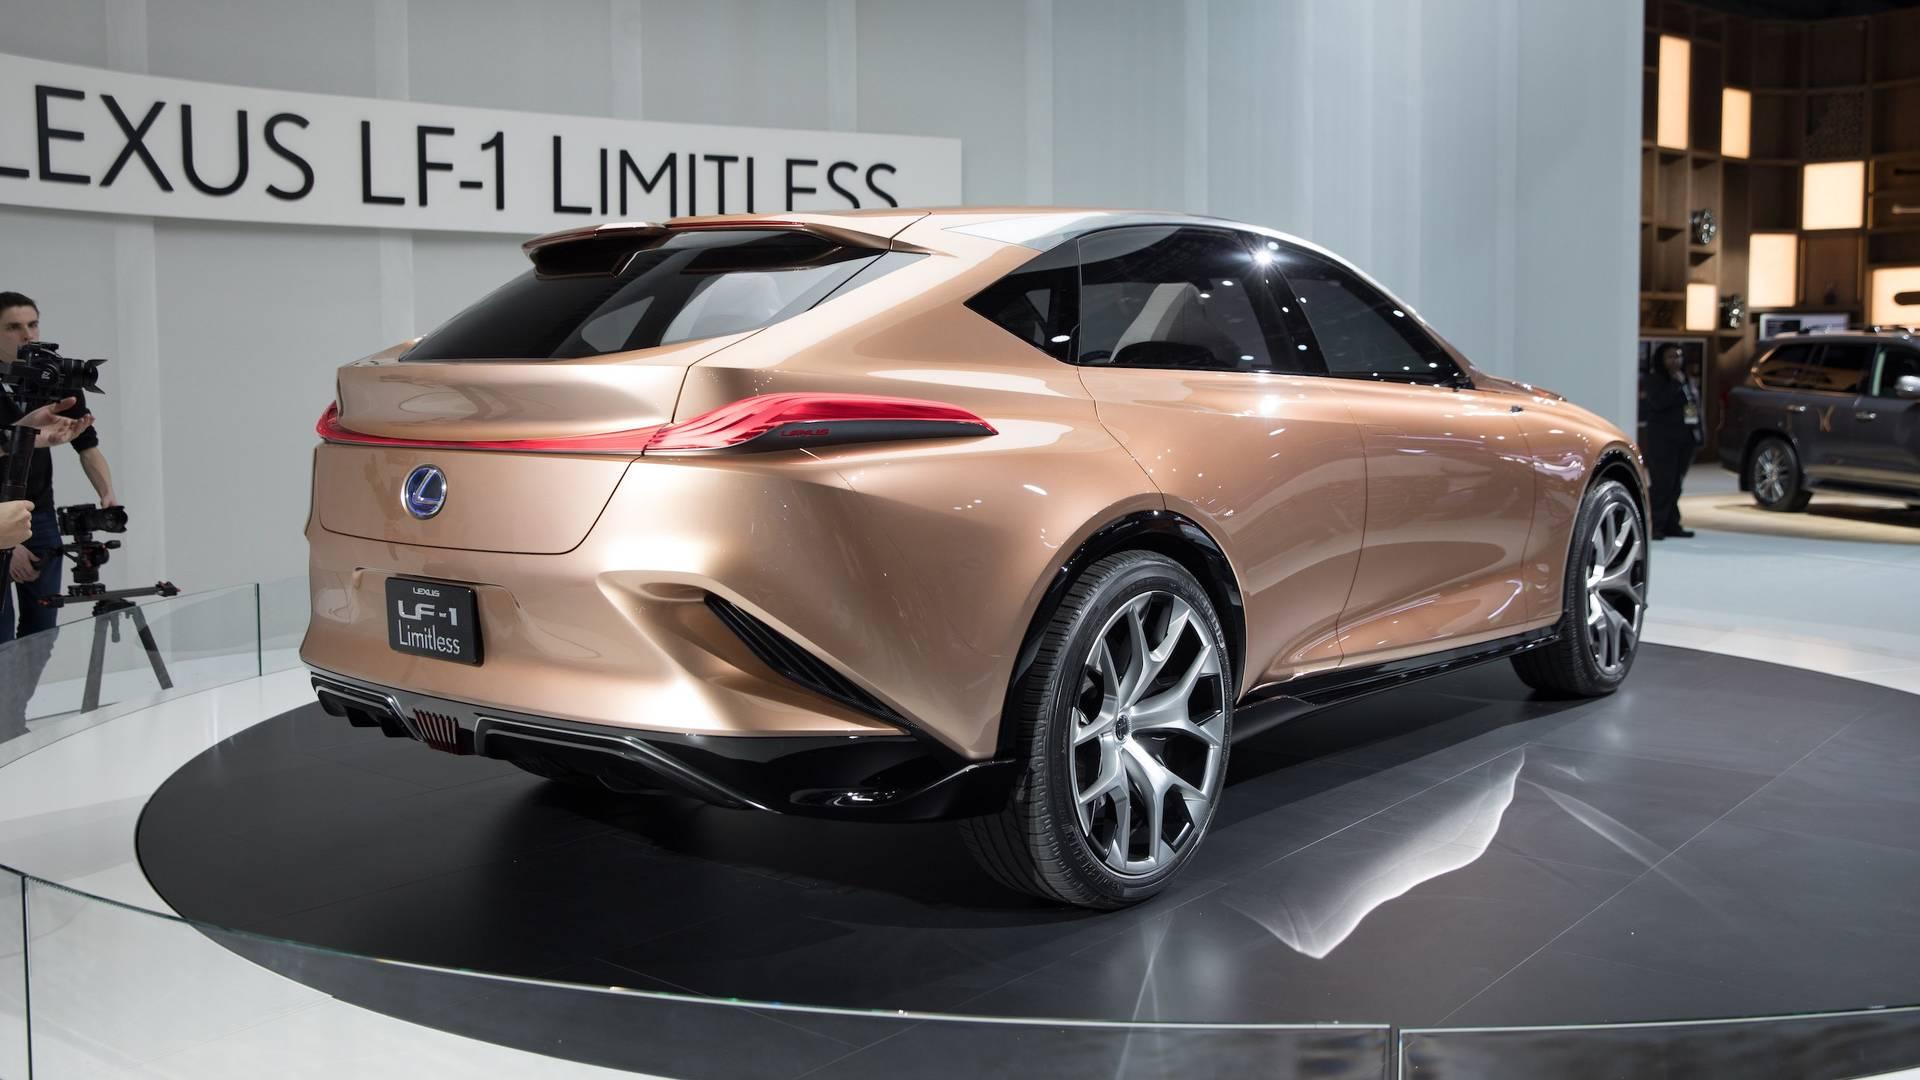 lexus-lf-1-–-mau-suv-co-the-vuot-mat-lamborghini-urus-ve-suc-manh